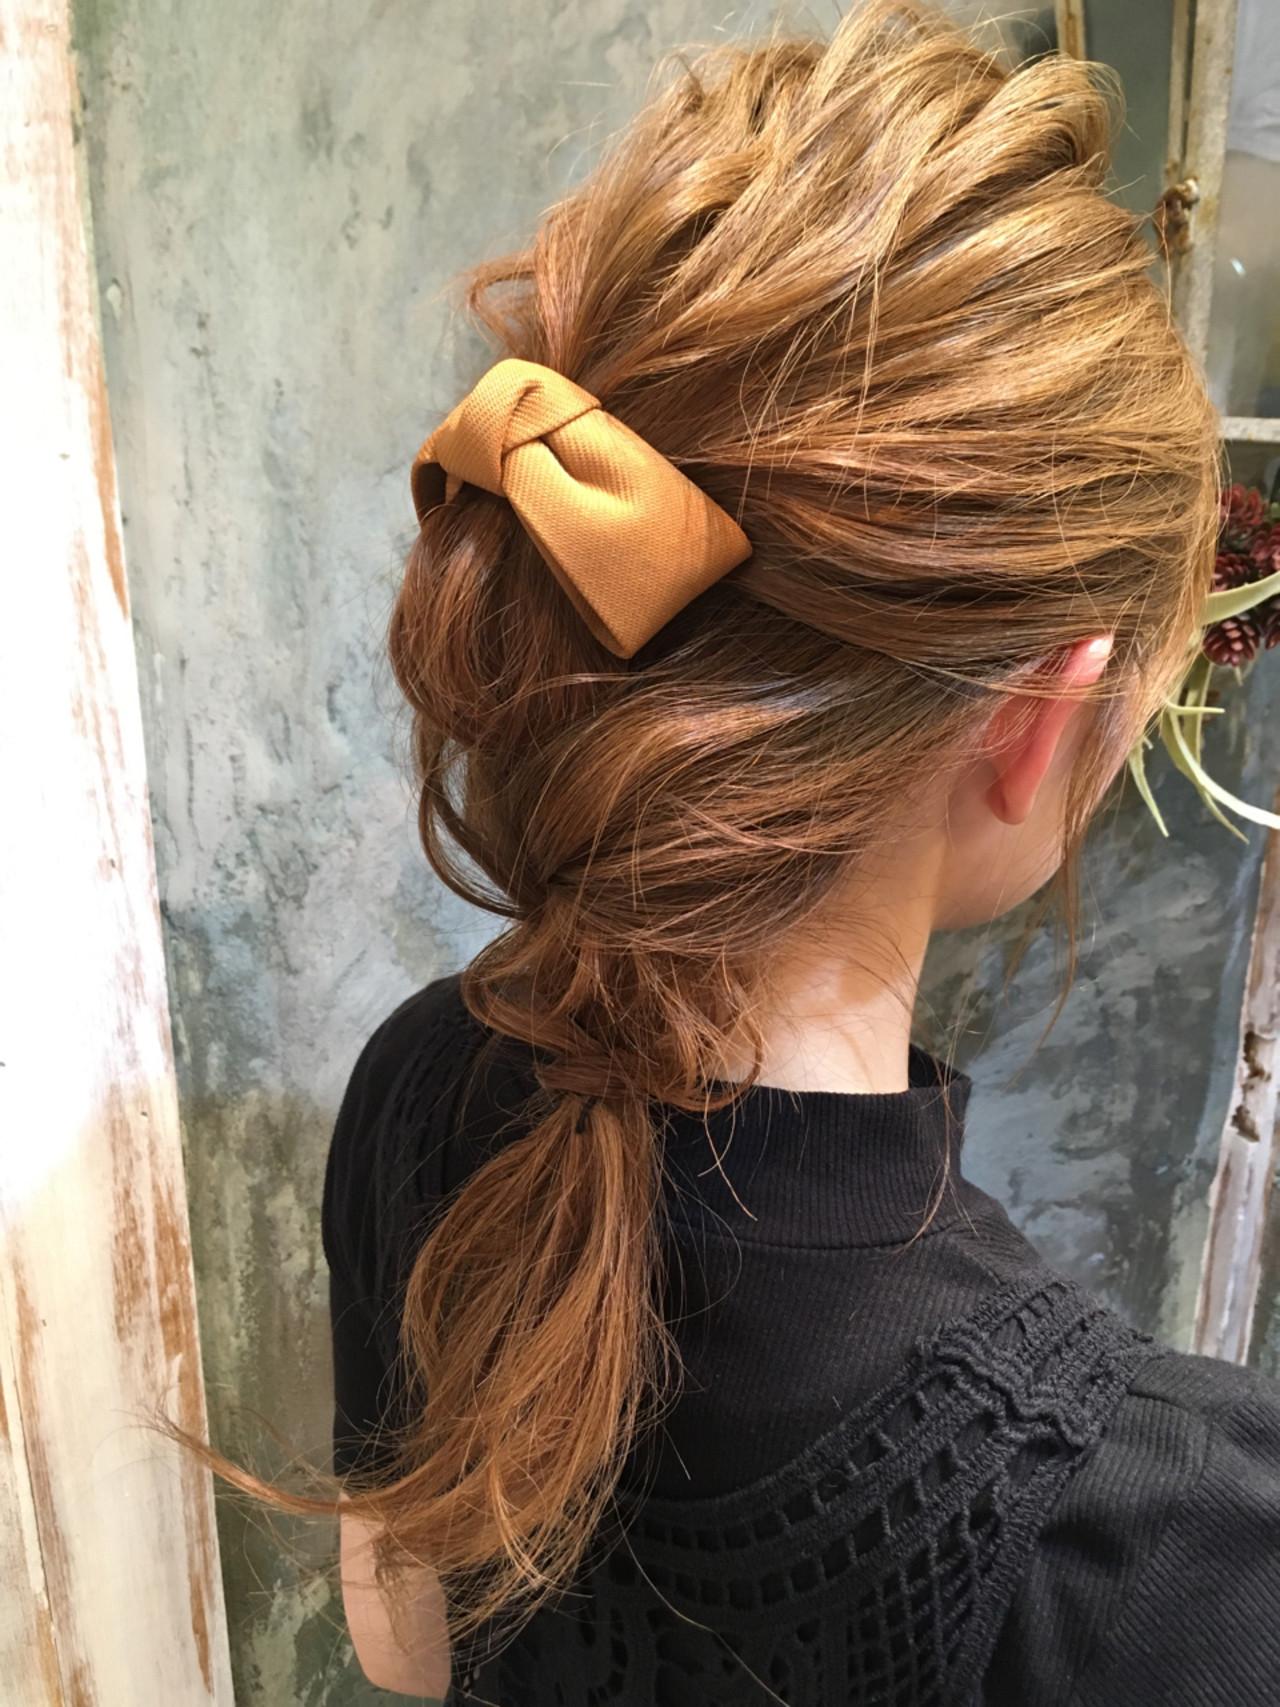 ハーフアップ くせ毛風 ショート 簡単ヘアアレンジ ヘアスタイルや髪型の写真・画像